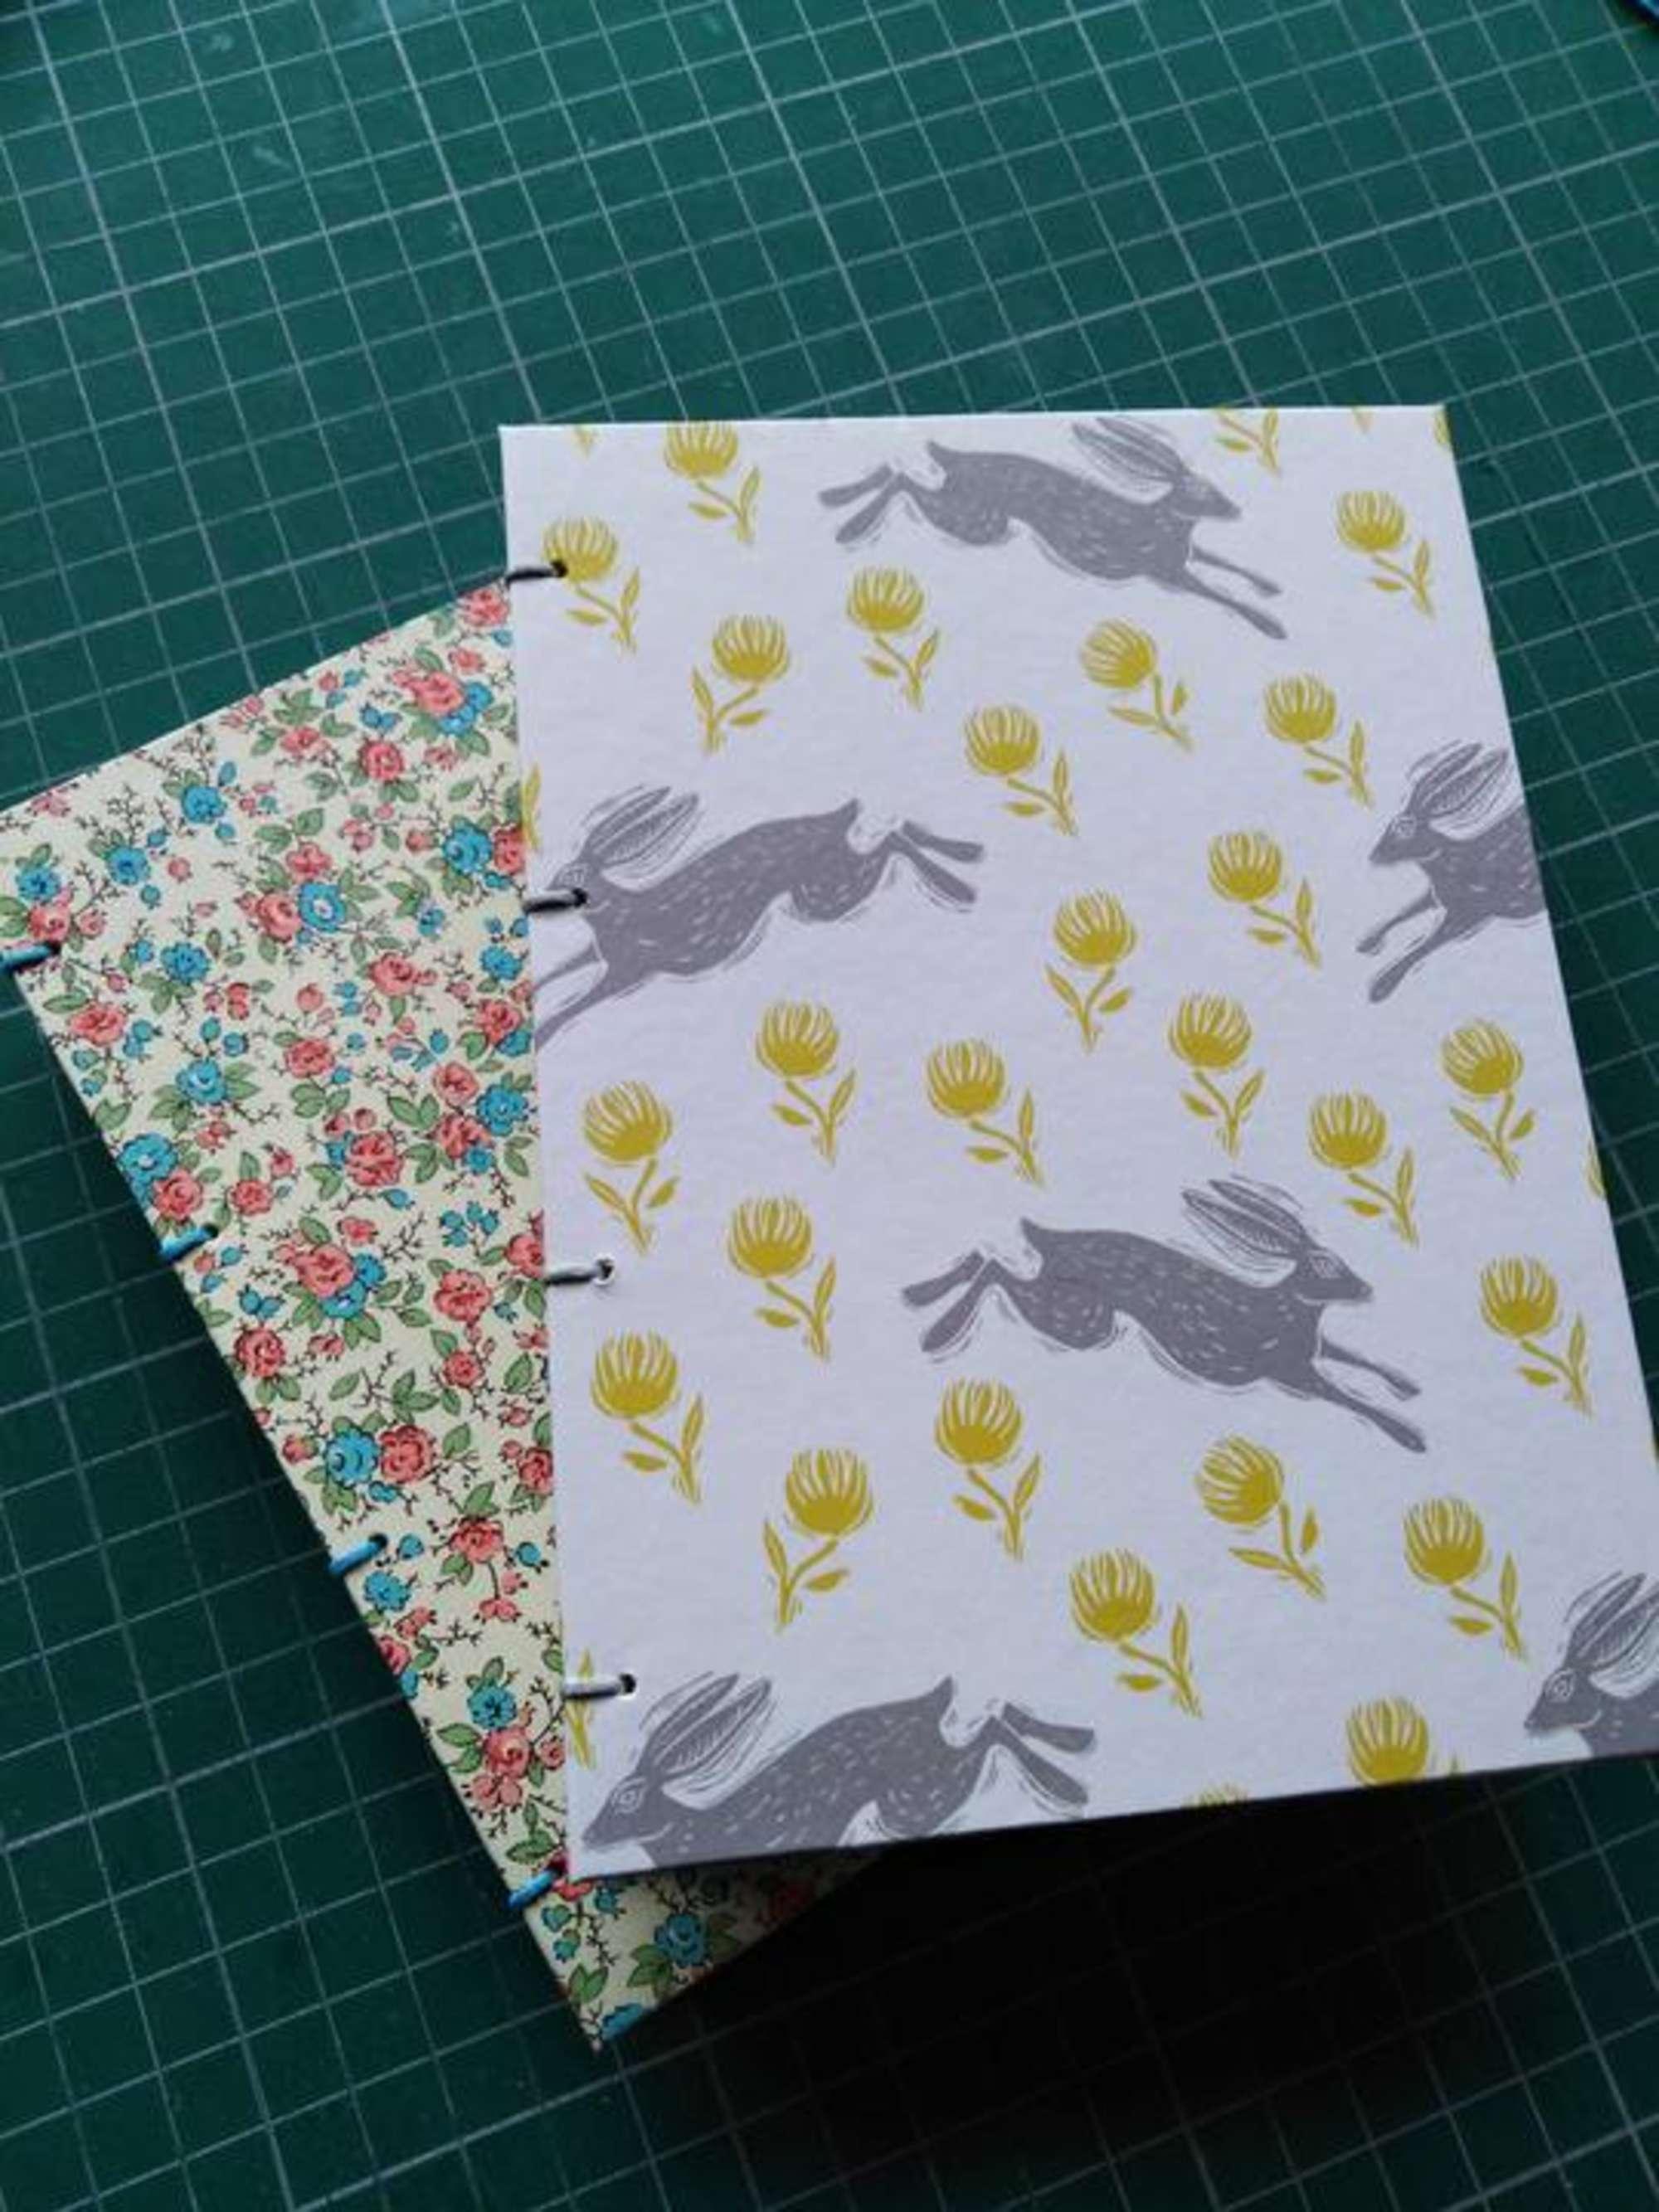 My mum makes amazing, handmade and bound notebooks